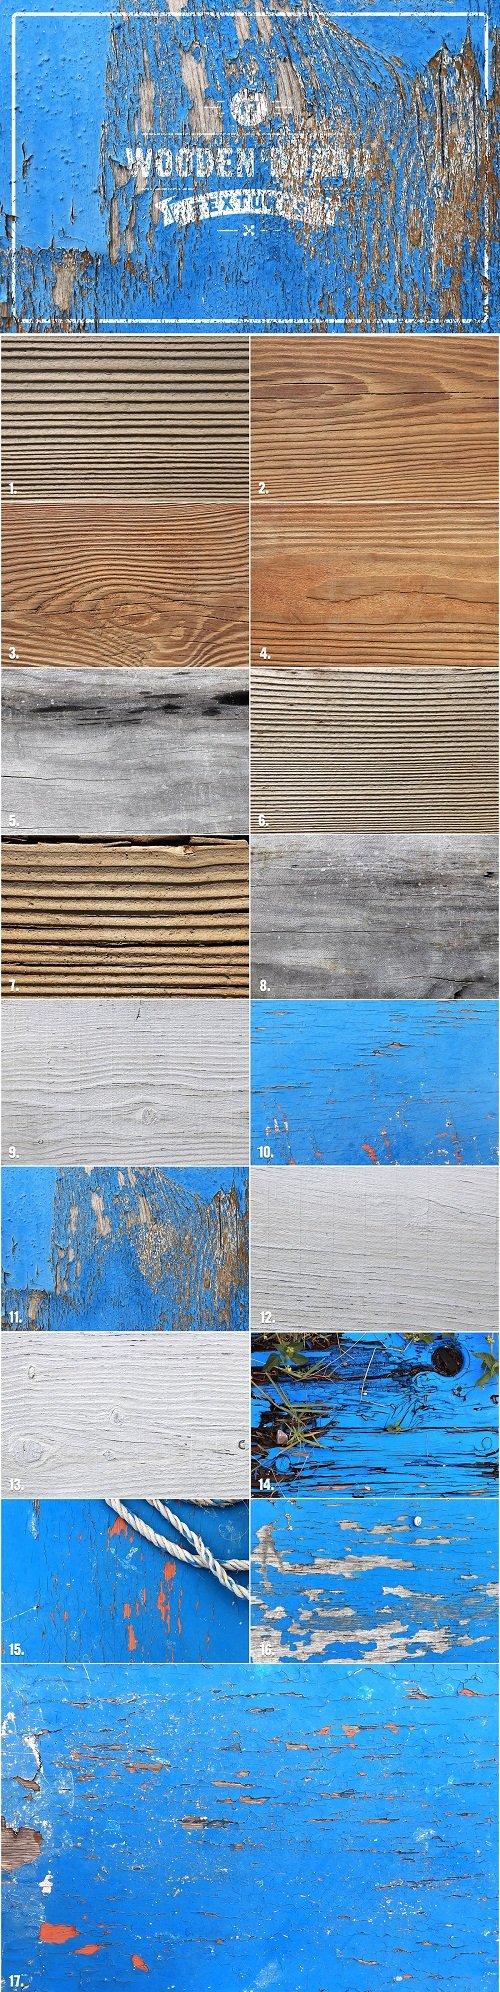 17 Wooden Board Textures - 3348239